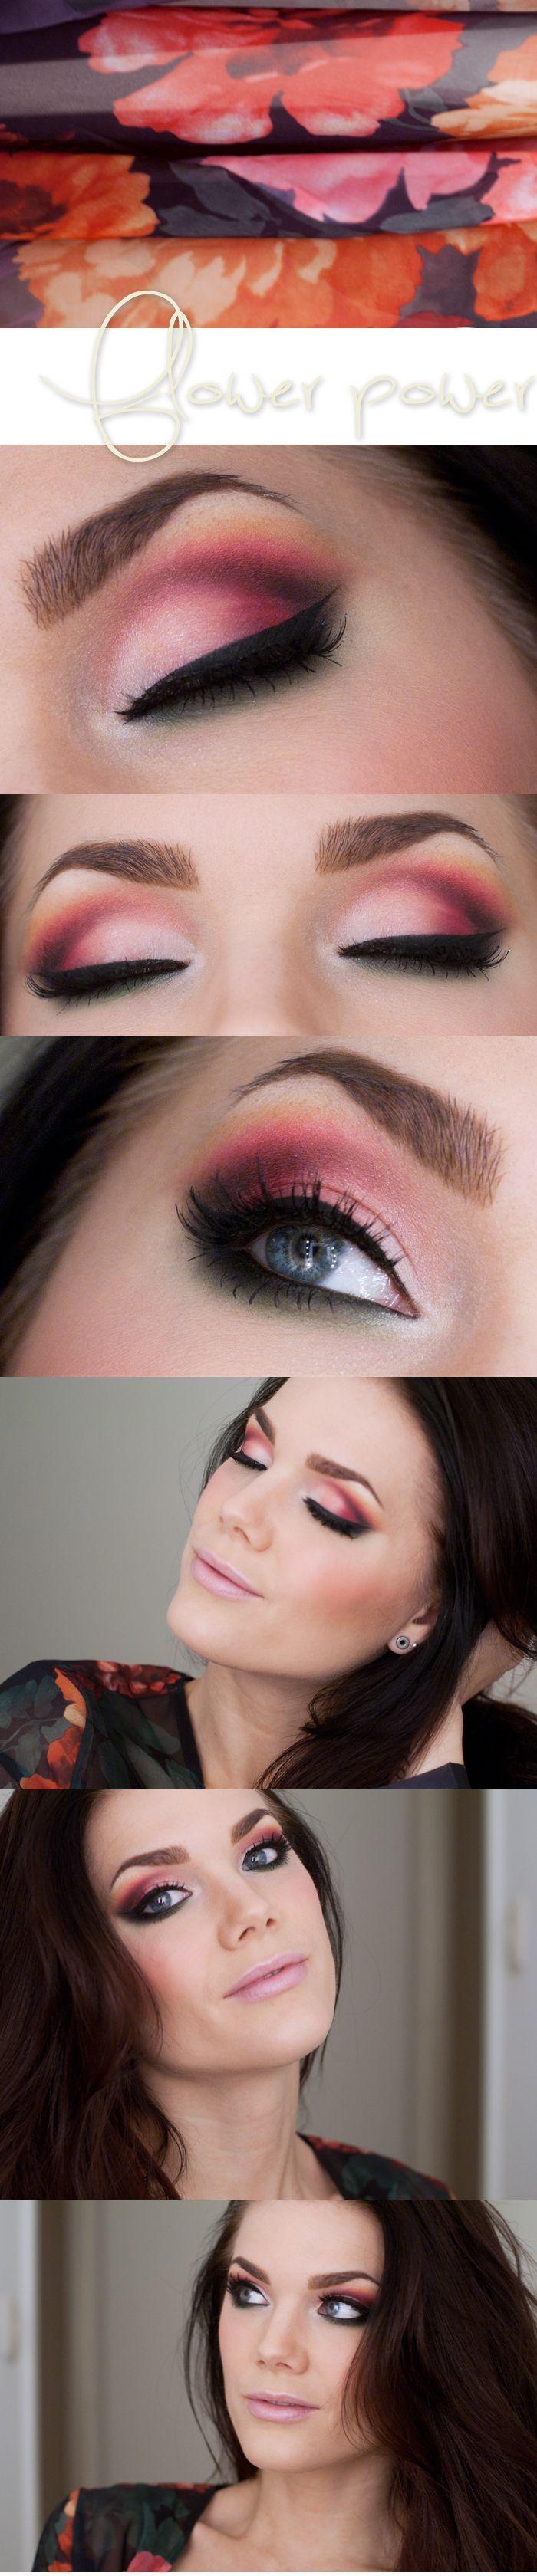 #Linda_Haullberg #Makeup #FlowerPower #SoAttractive